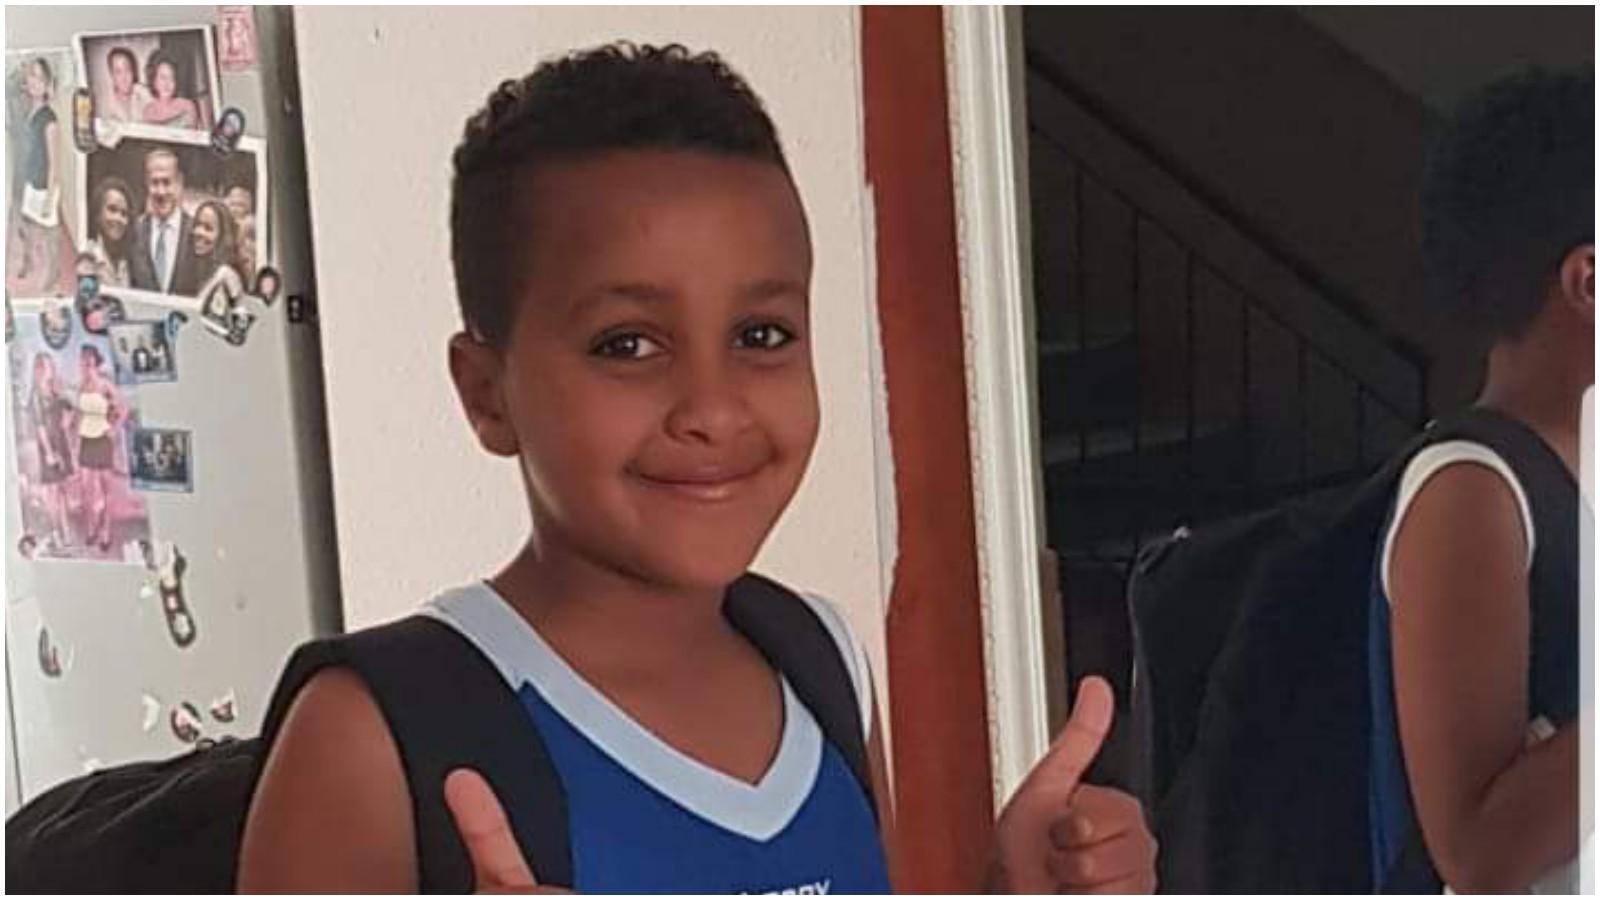 יואל טגן, תלמיד כיתה ז' בחטיבת אחד העם רמת ורבר צילום באדיבות המשפחה